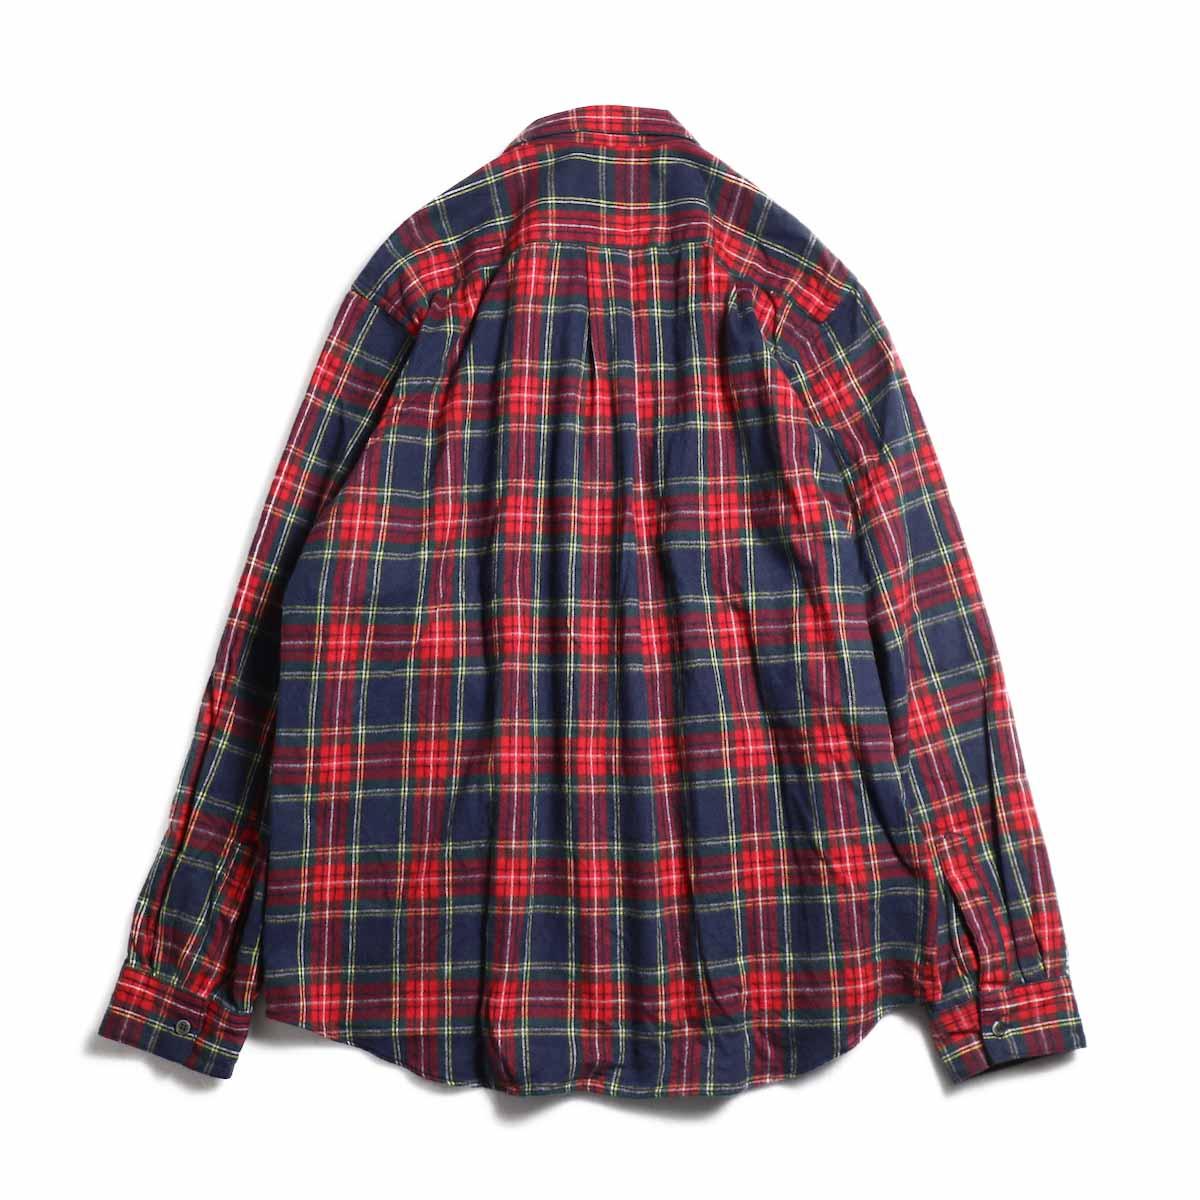 FUTURE PRIMITIVE / FP Notched Shirt(Tartan) -Navy 背面